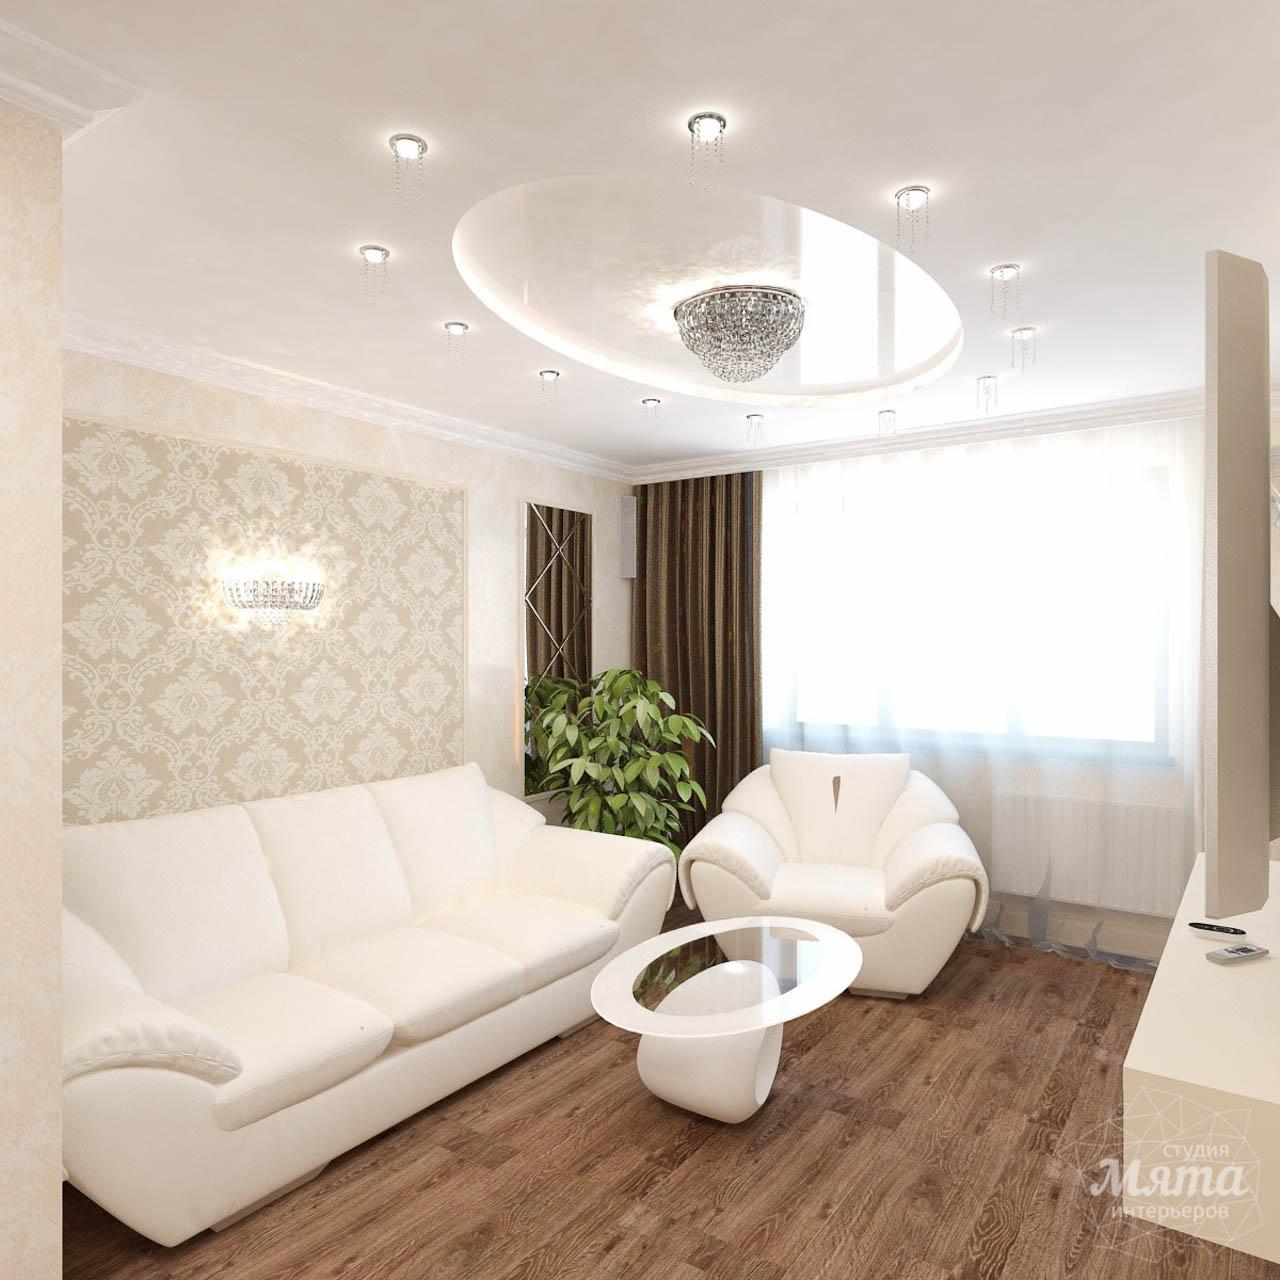 Дизайн интерьера двухкомнатной квартиры по ул. Бебеля 156 img1979518458